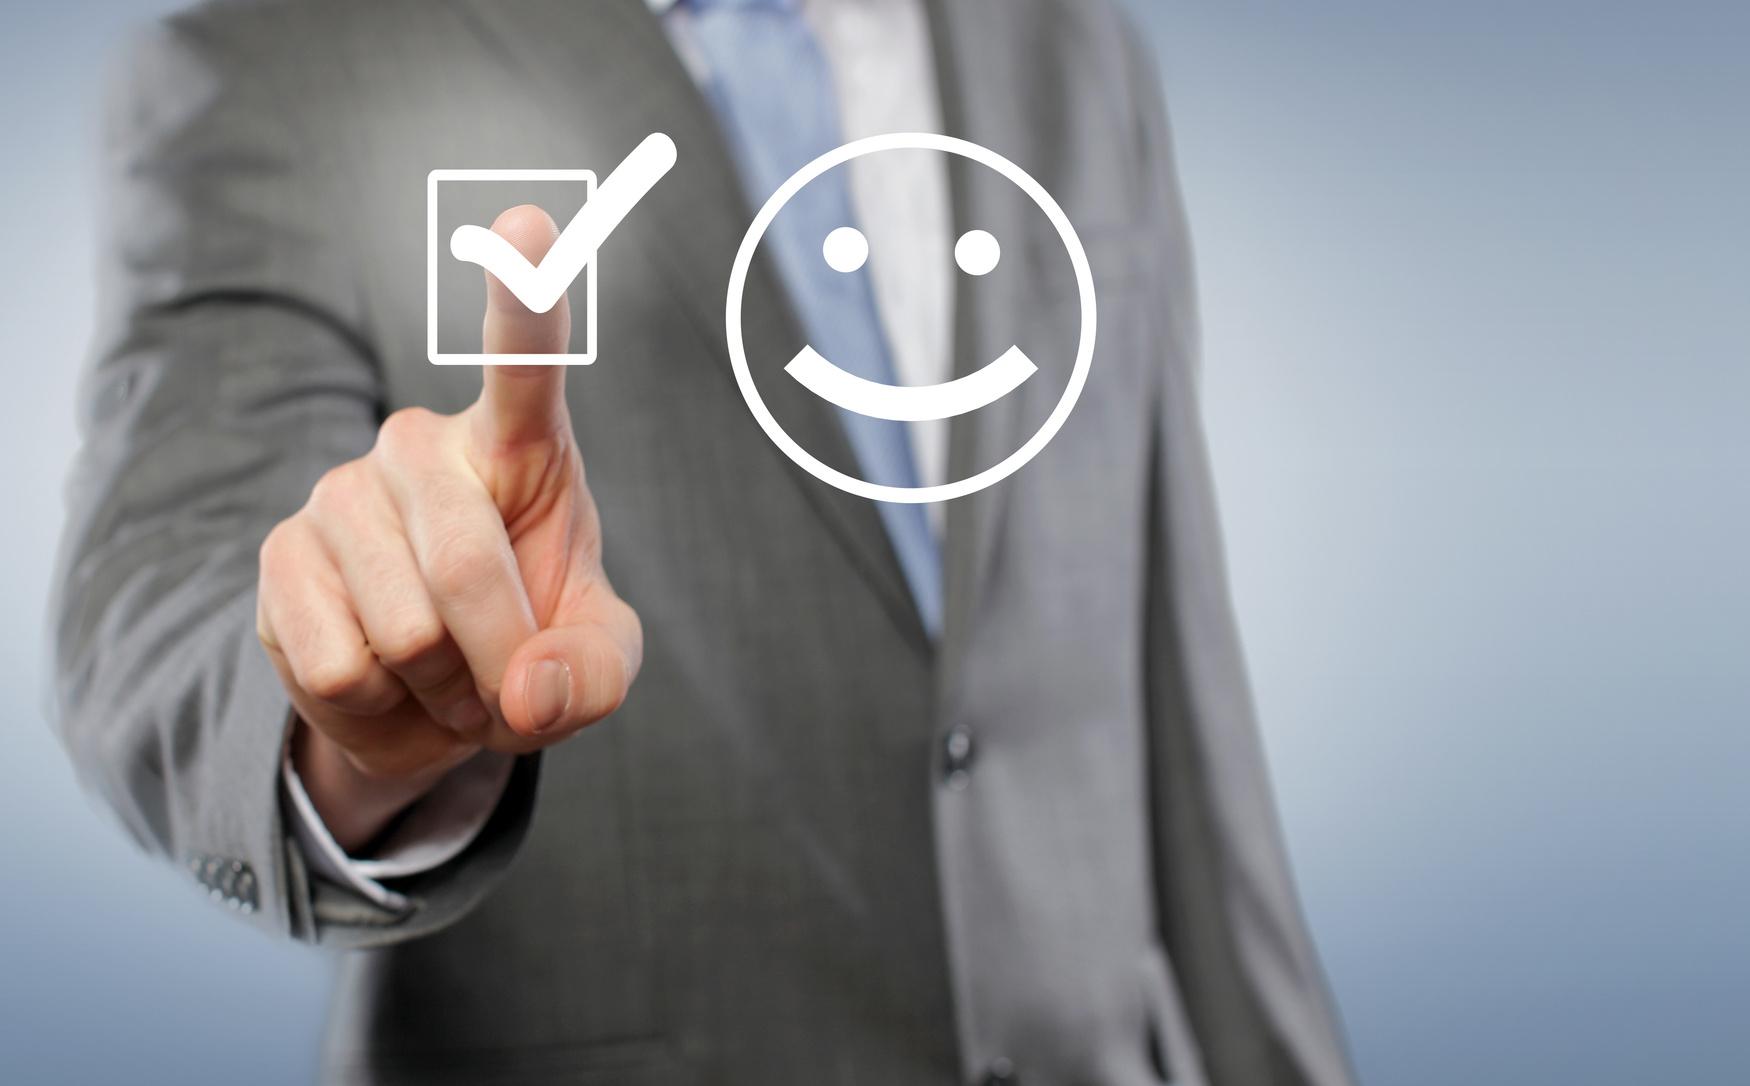 Innere Stärken erkennen und Mitarbeiterwertschätzung zeigen